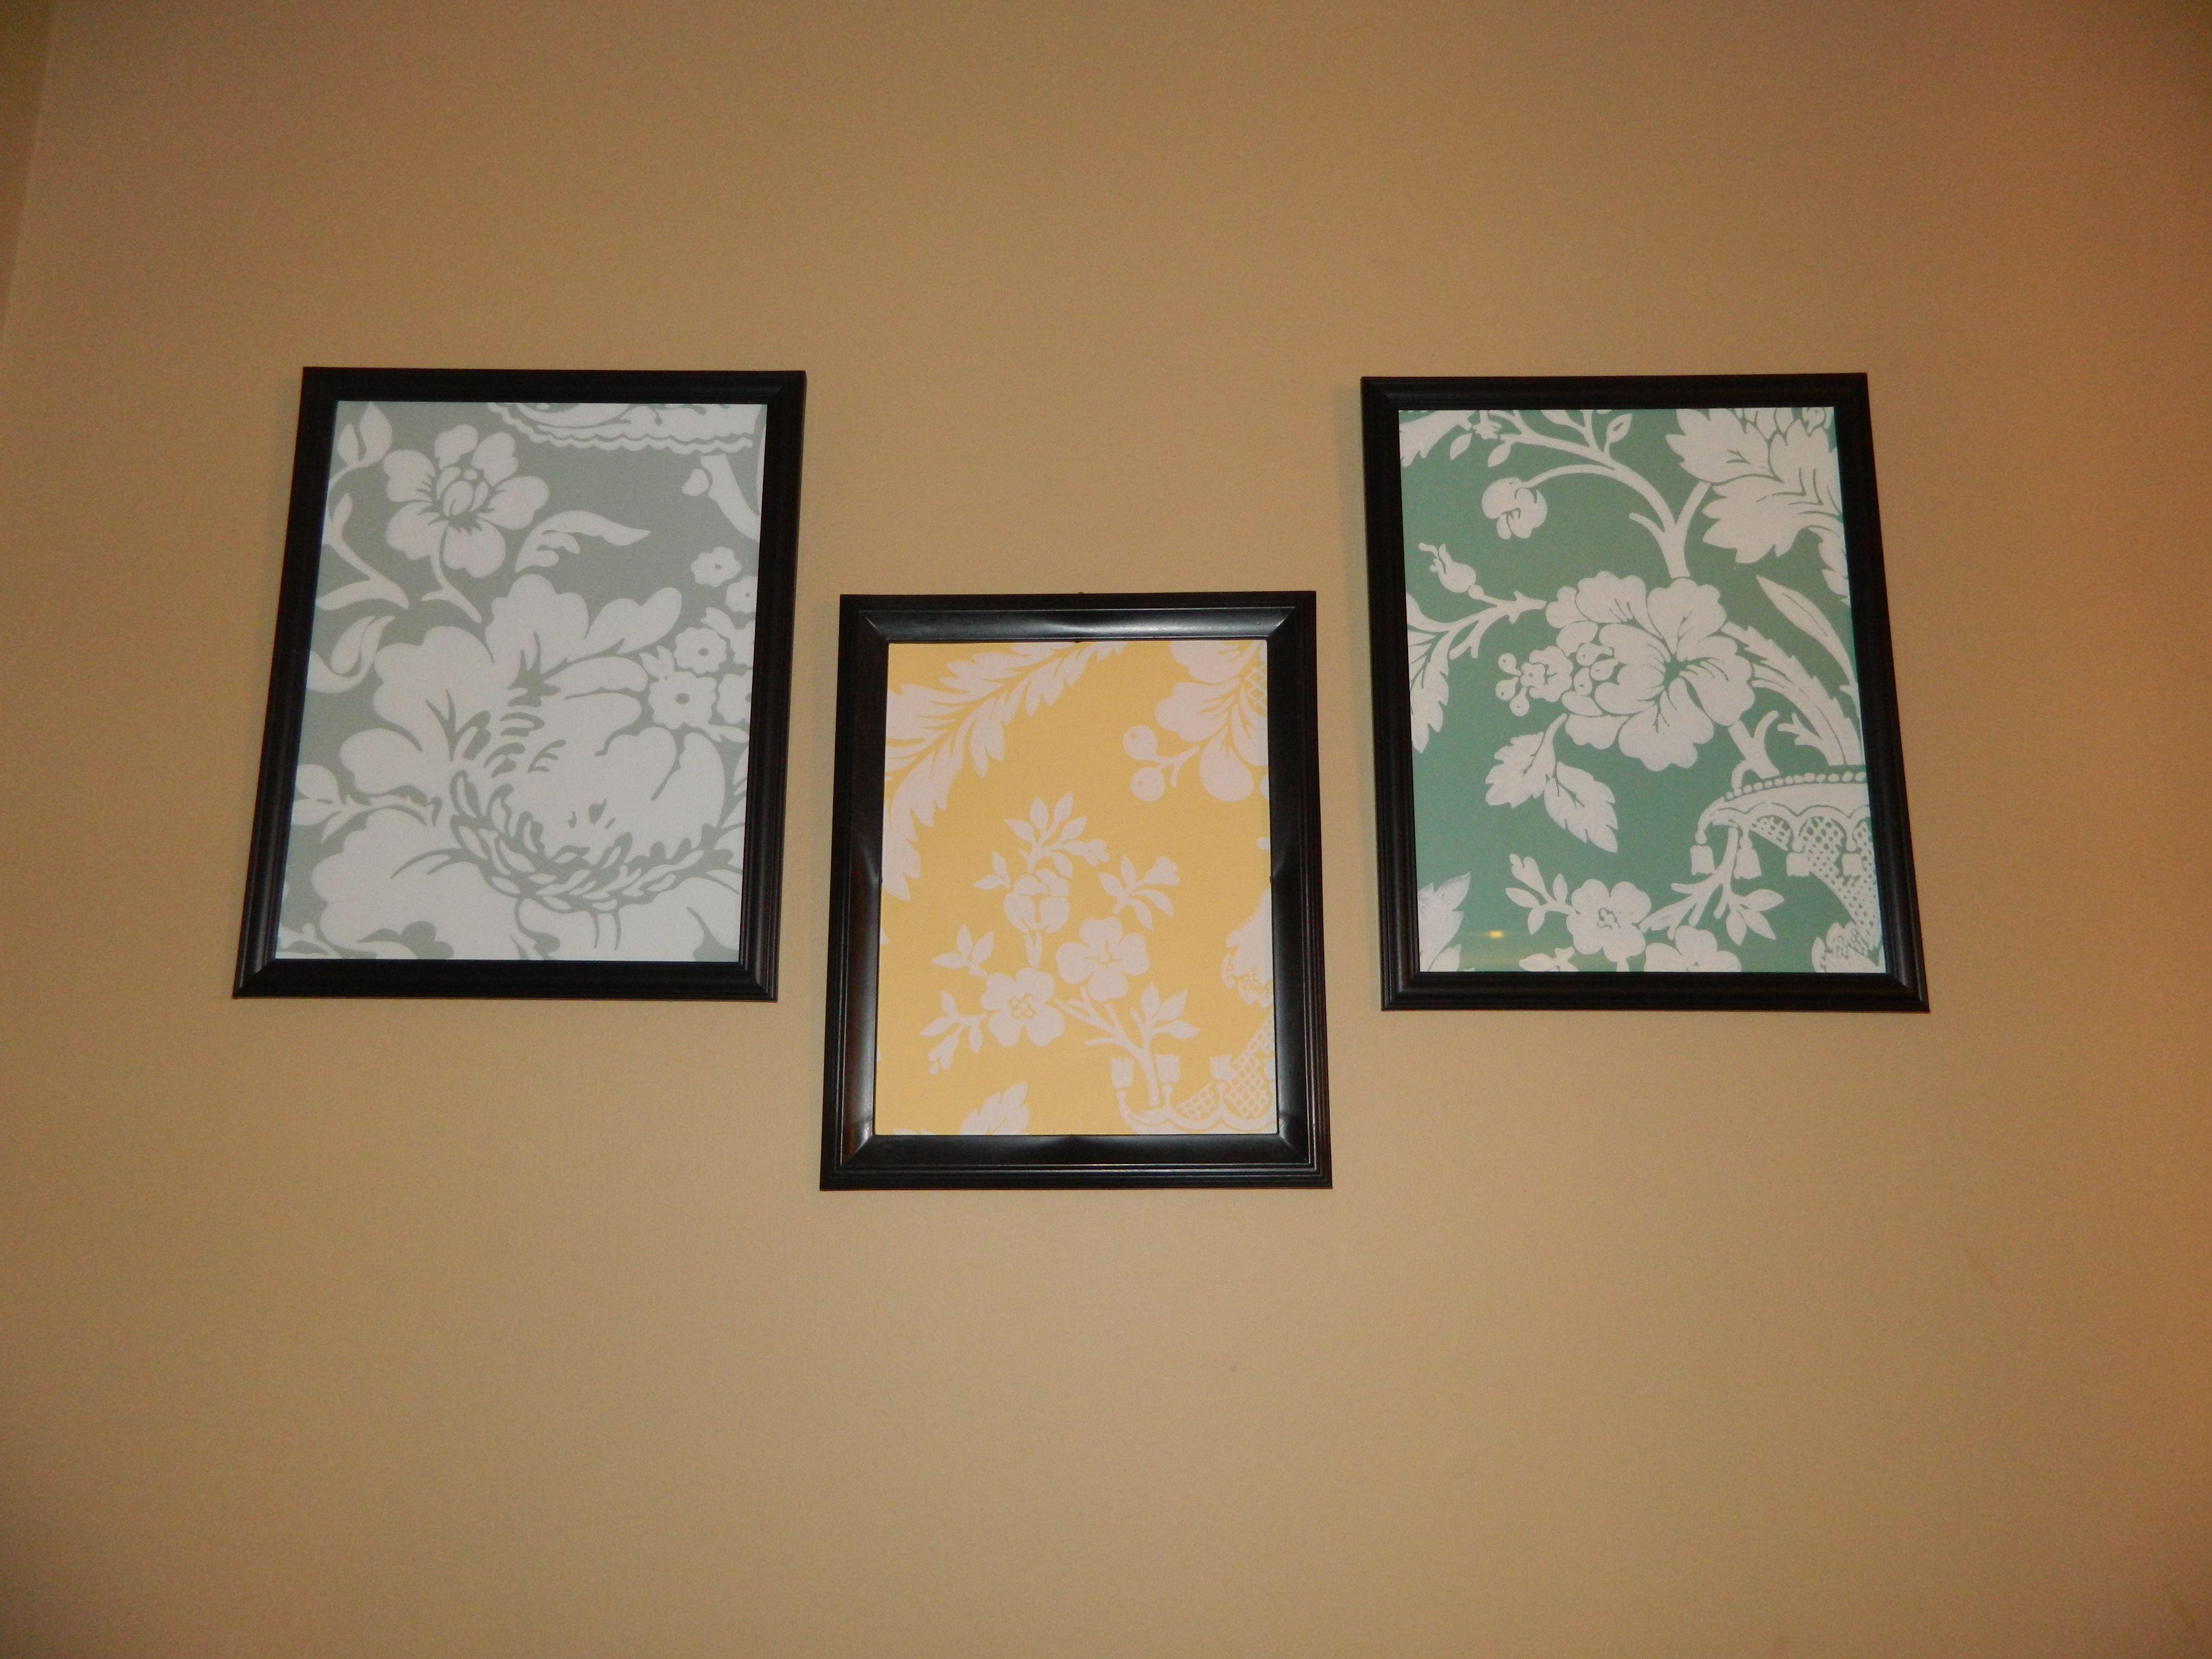 Wallpaper Samples & Dollar Tree Frames